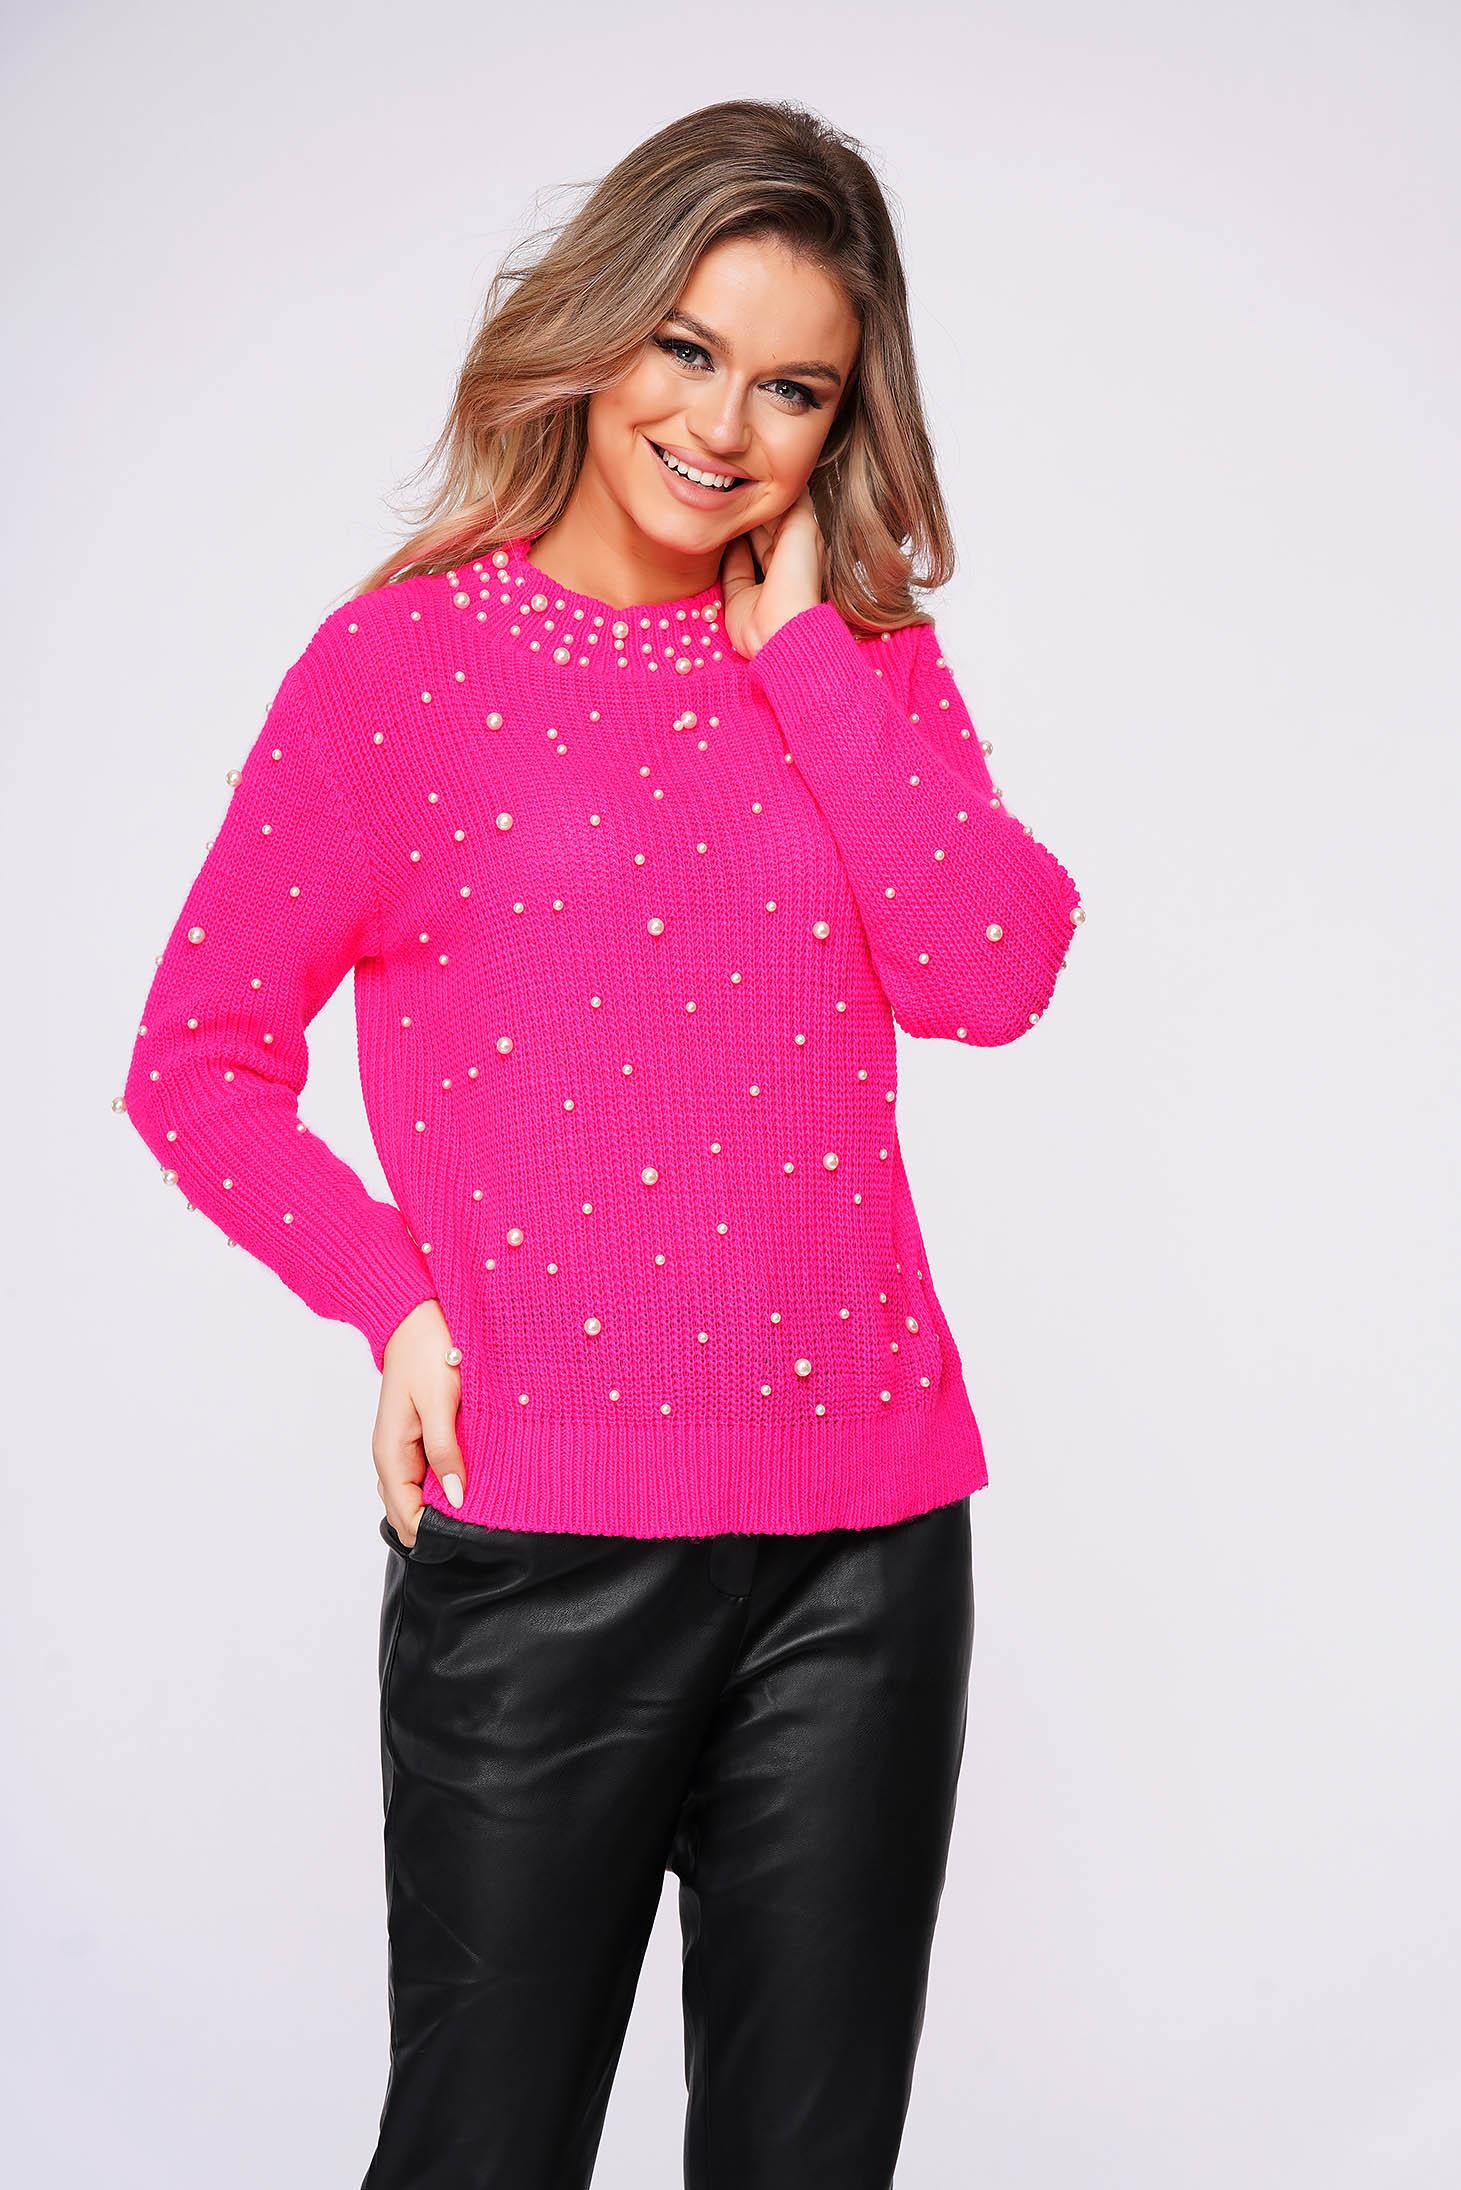 Pulover SunShine roz casual cu croi larg din material tricotat cu aplicatii cu perle